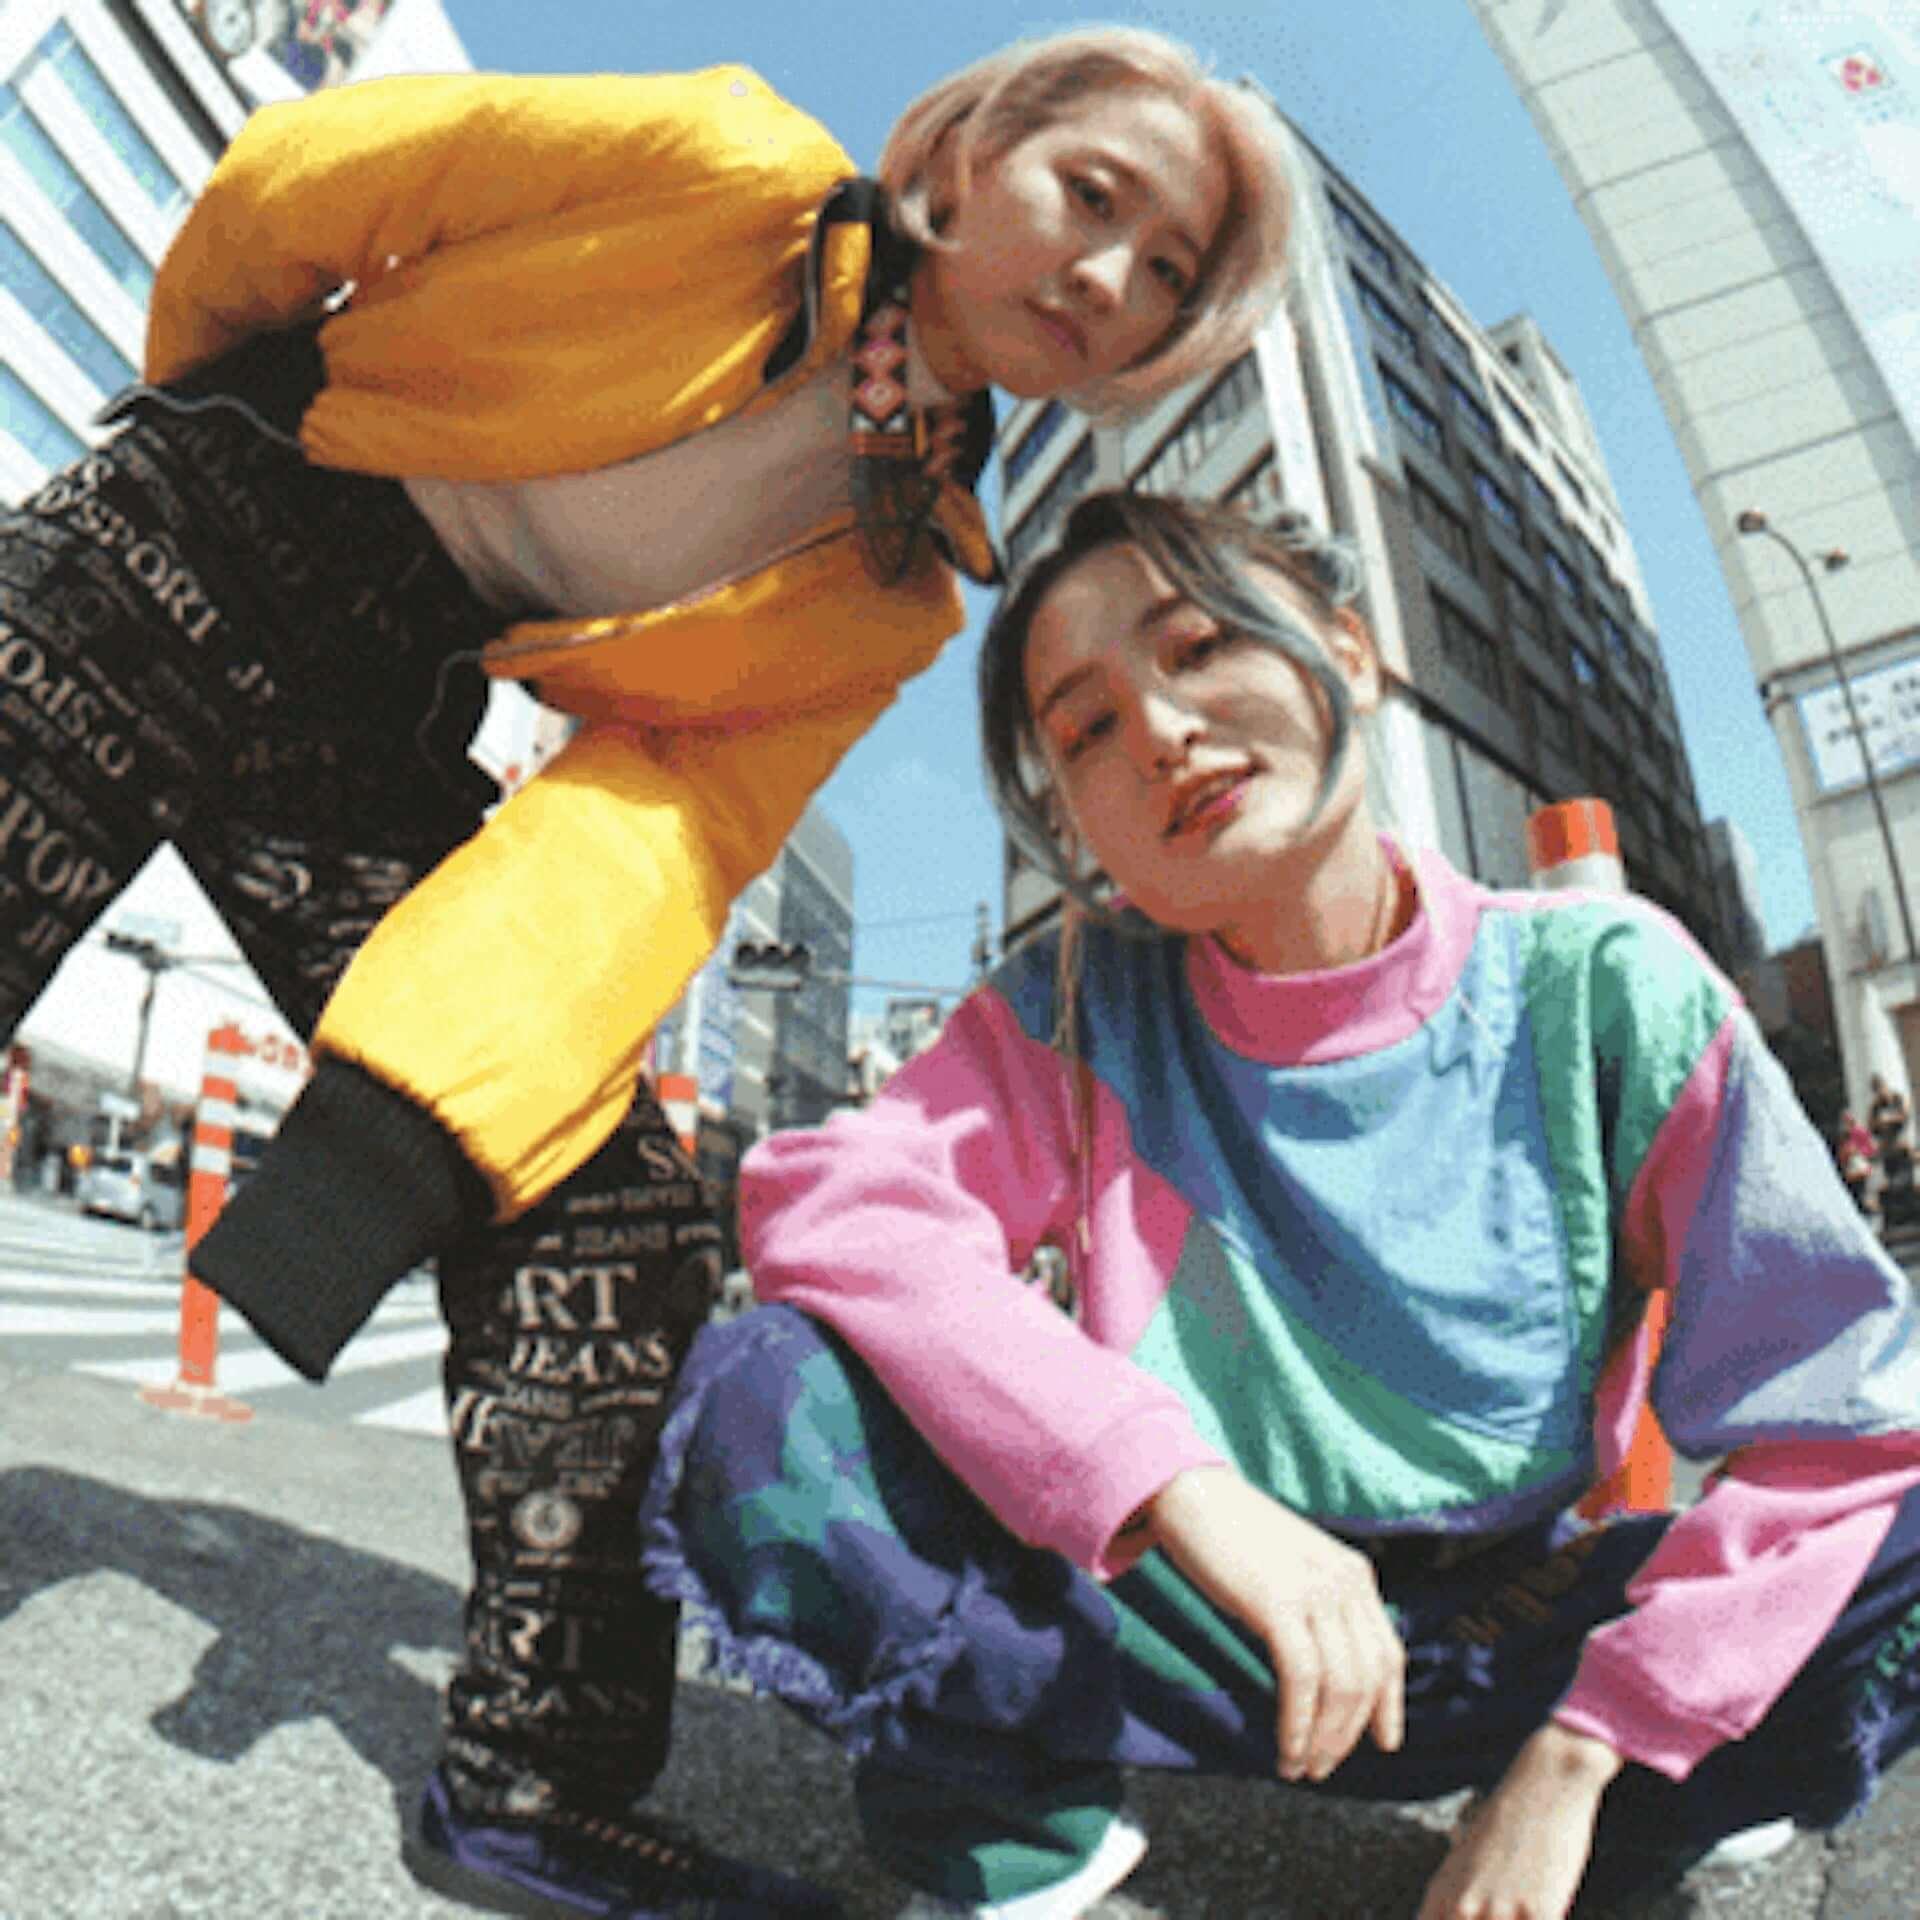 渋谷PARCOを舞台にしたカルチャーフェス<P.O.N.D.>の追加コンテンツが続々決定!betcover!!、illiomoteら出演のオープニングパーティーも開催 art201008_parco-pond_6-1920x1920